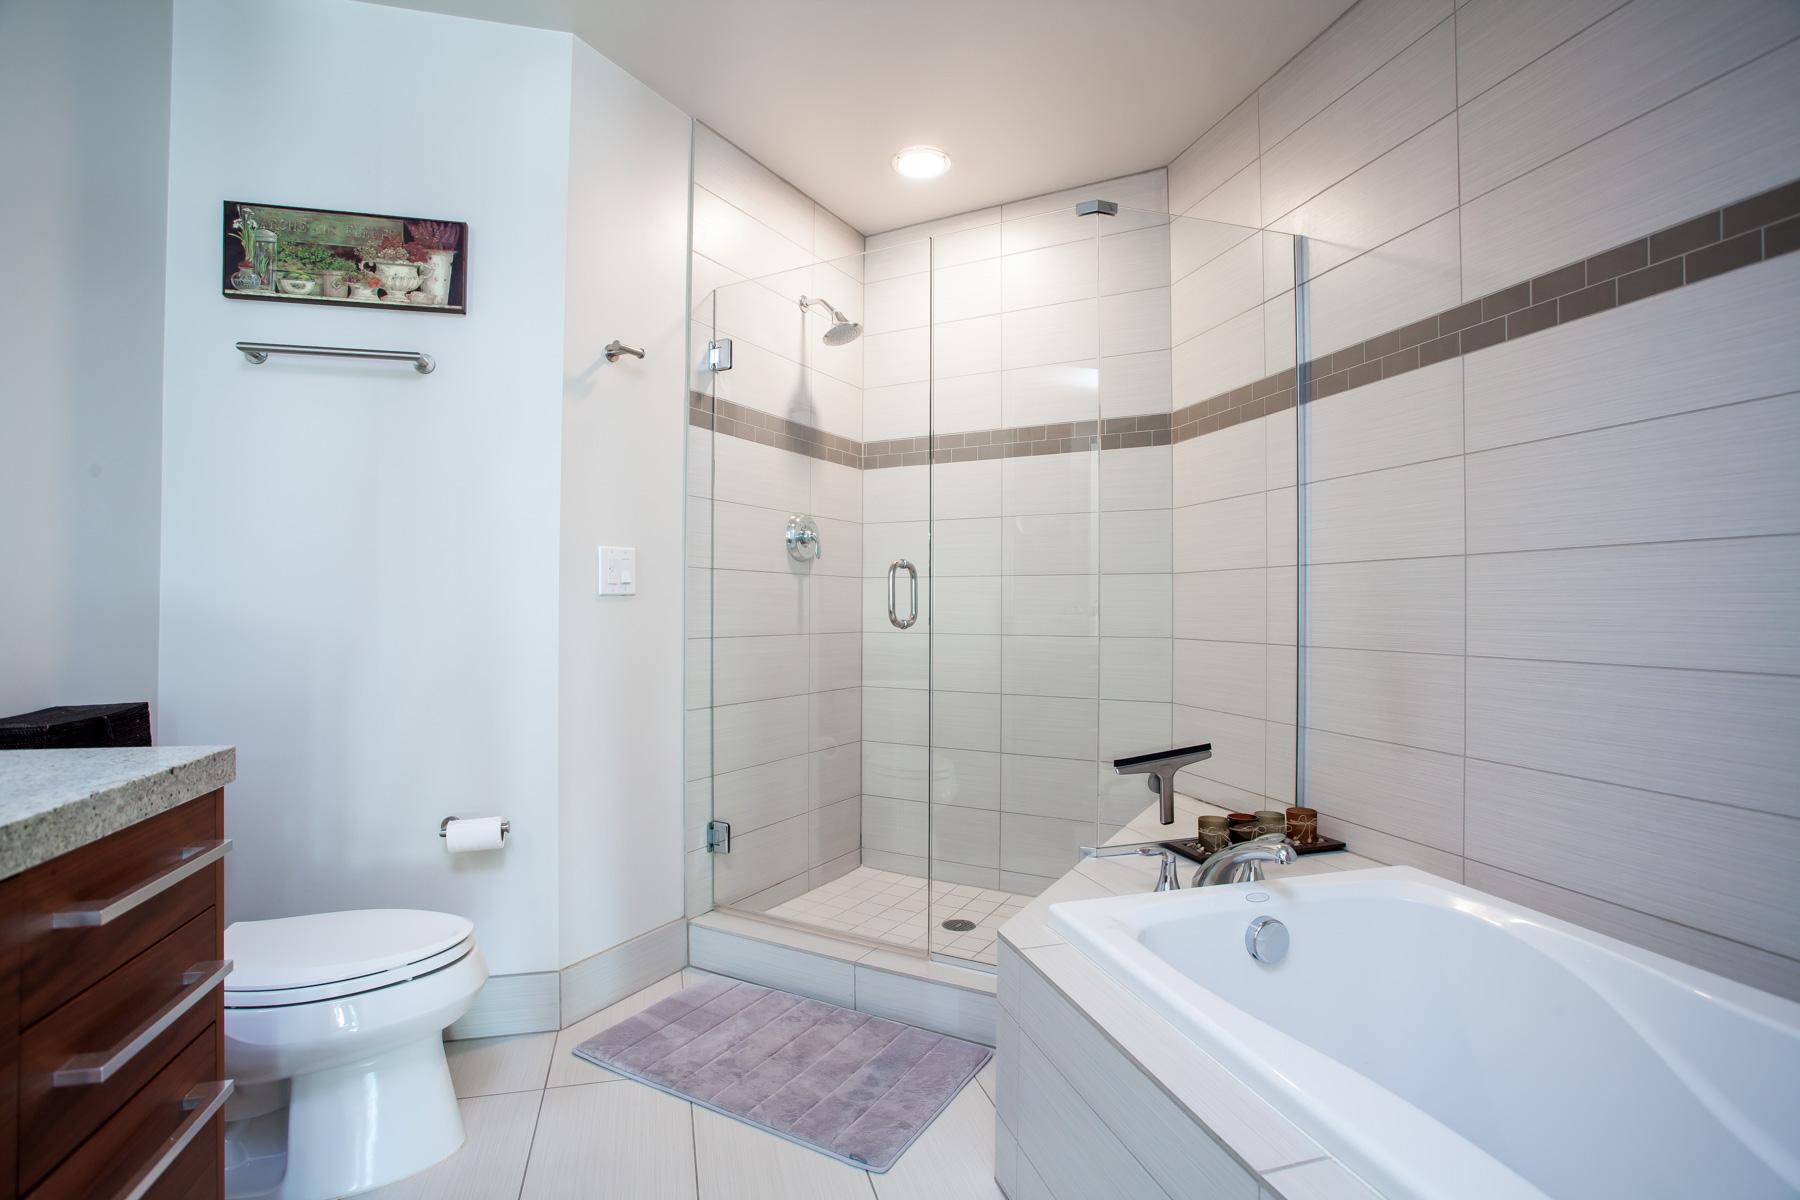 Escala 9th floor 2 bedroom condo with city views for Soaking tub in master bedroom